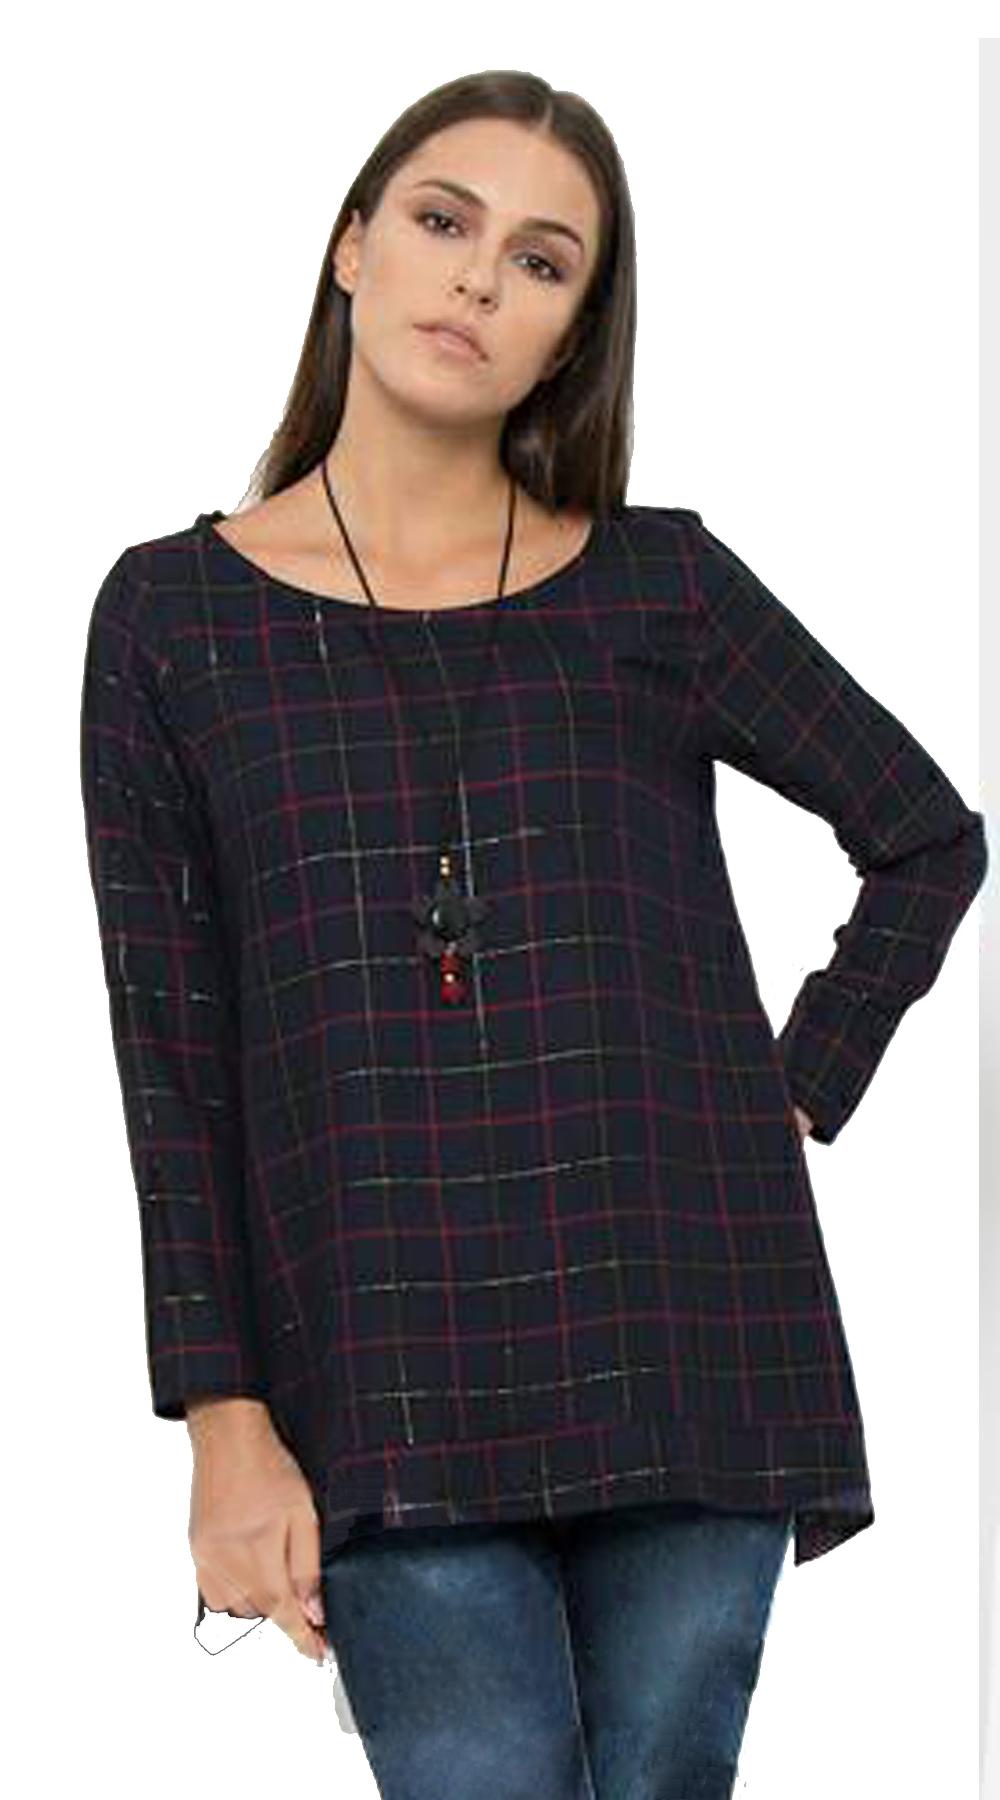 Γυναικεία μπλούζα Curvy καρό με κολιέ - Greek Brands - FA17OP-C-1755 μπλούζες   t shirts elegant tops